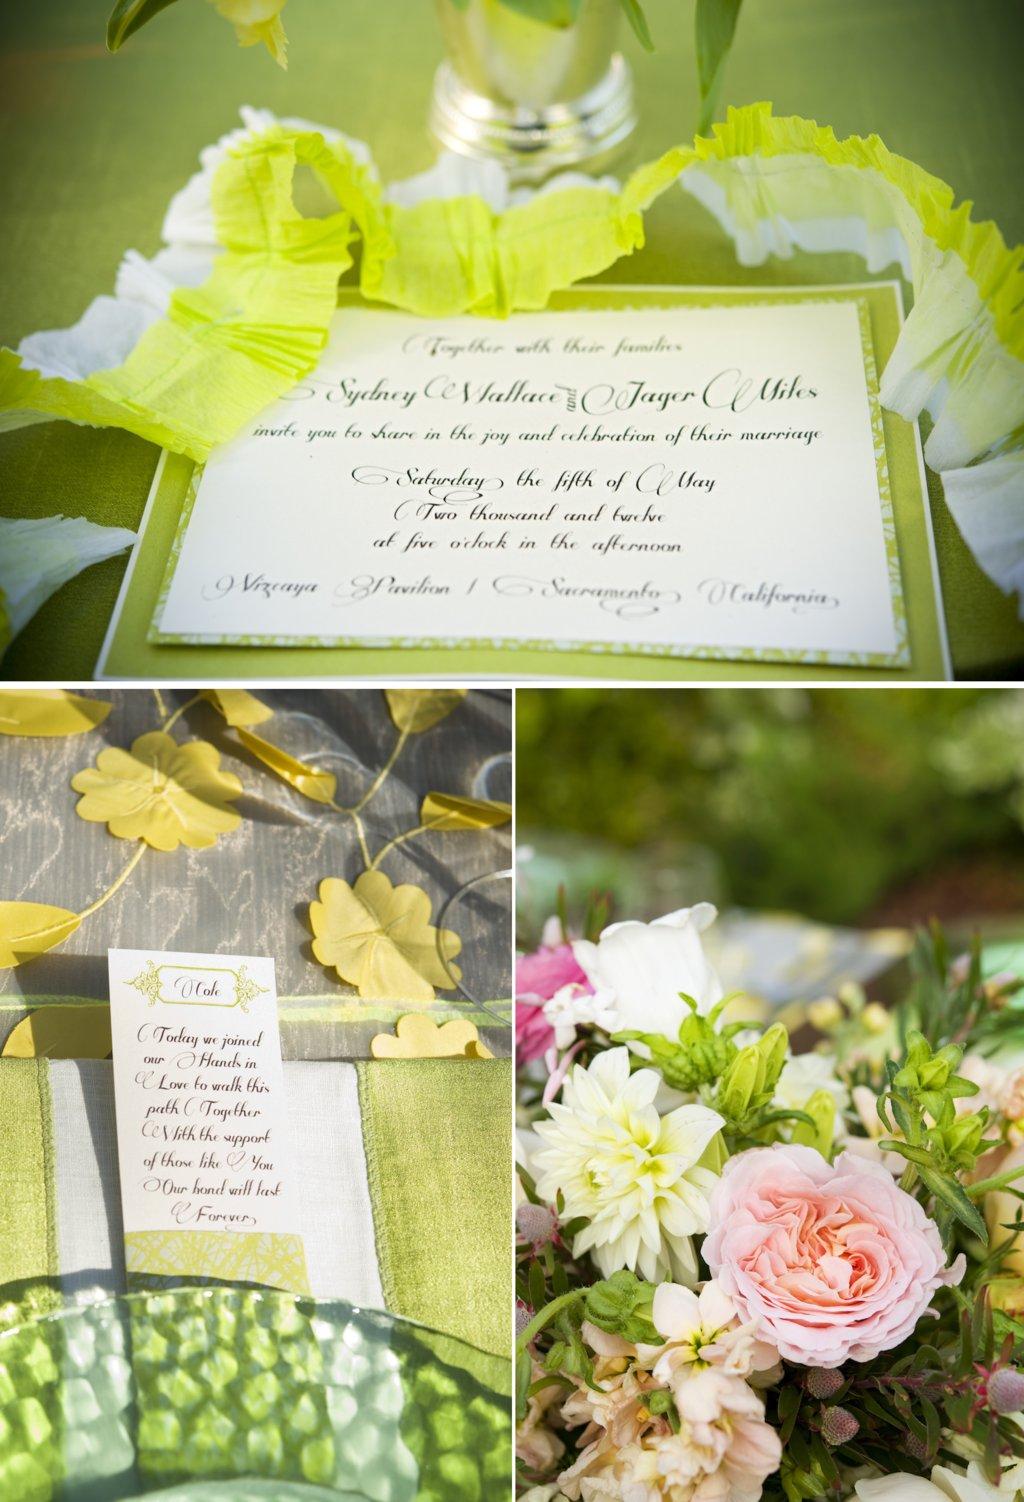 Whimsical-garden-wedding-neon-green-details-romantic-pastel-flowers.full